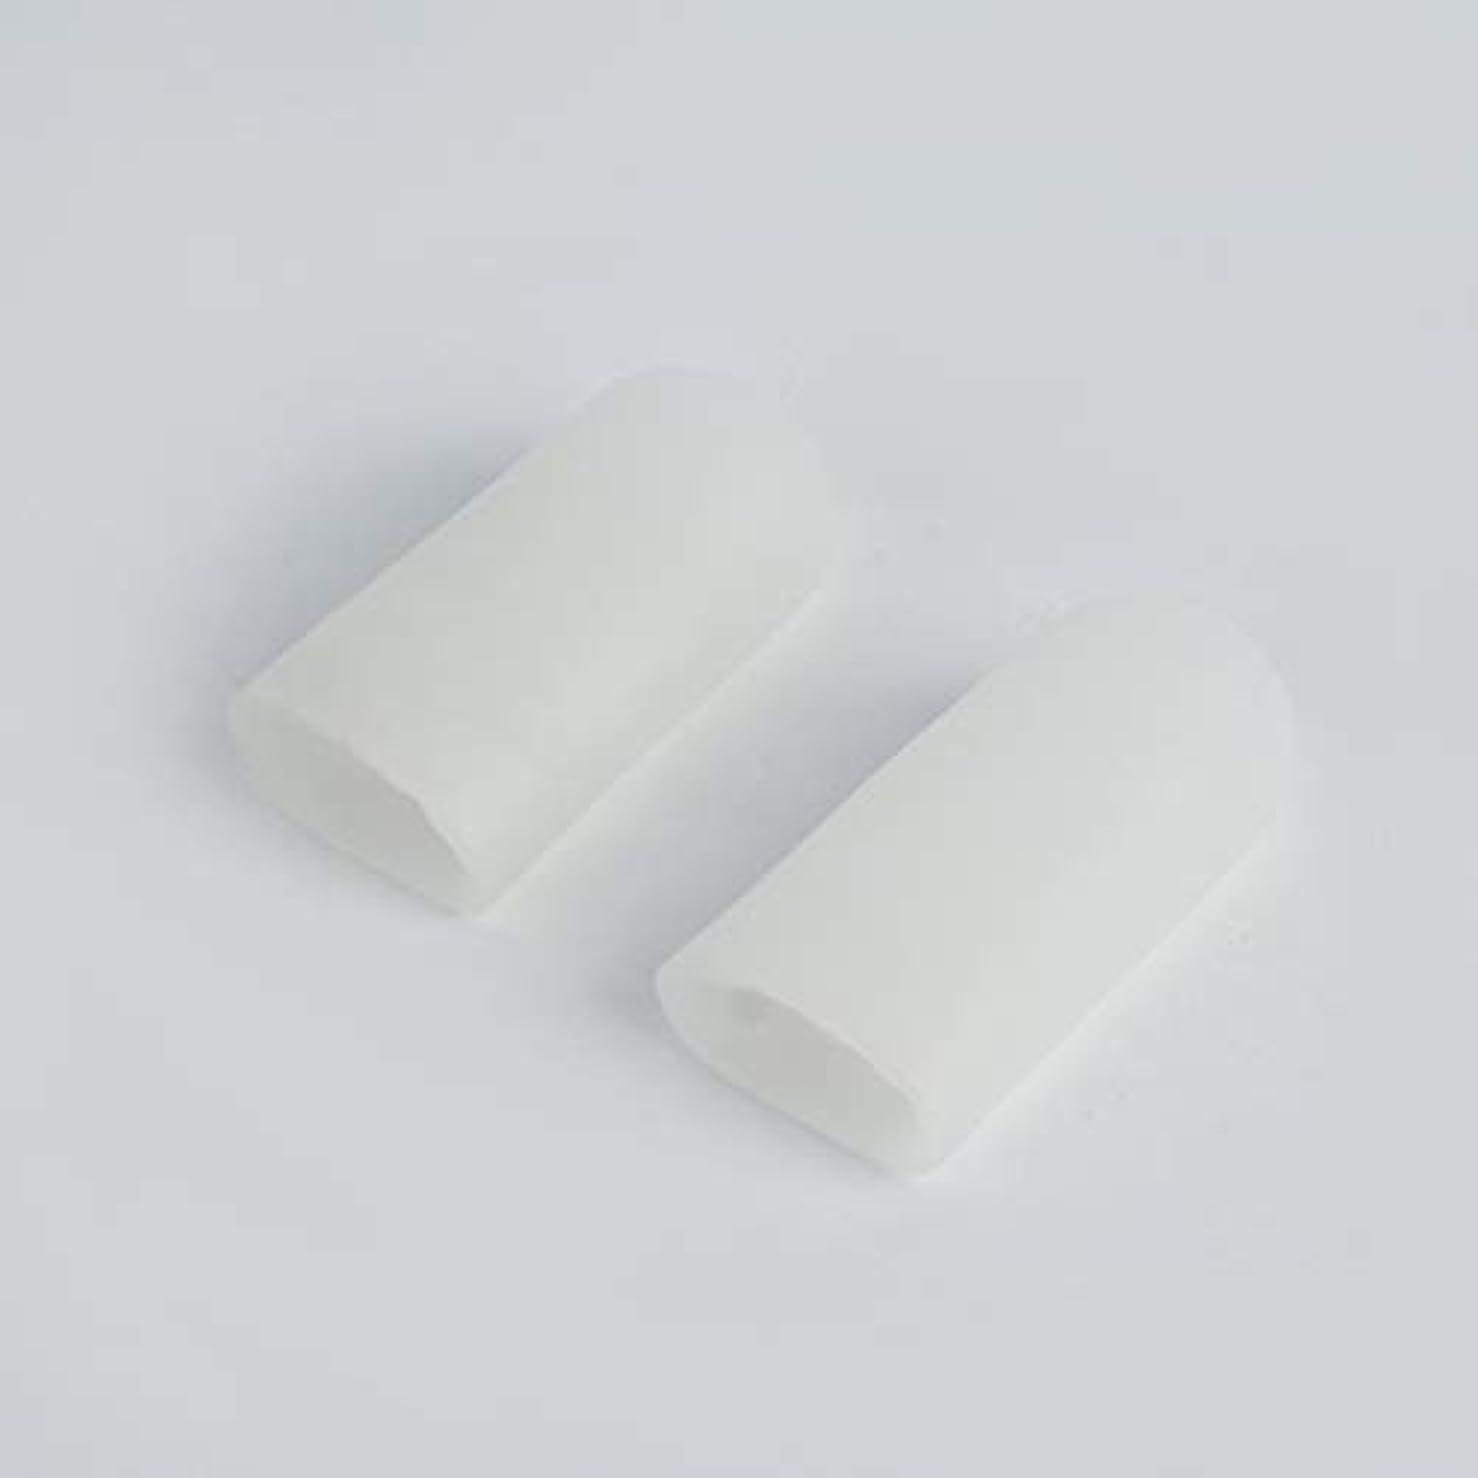 アピール紛争便利Open Toe Tubes Gel Lined Fabric Sleeve Protectors To Prevent Corns, Calluses And Blisters While Softening And...